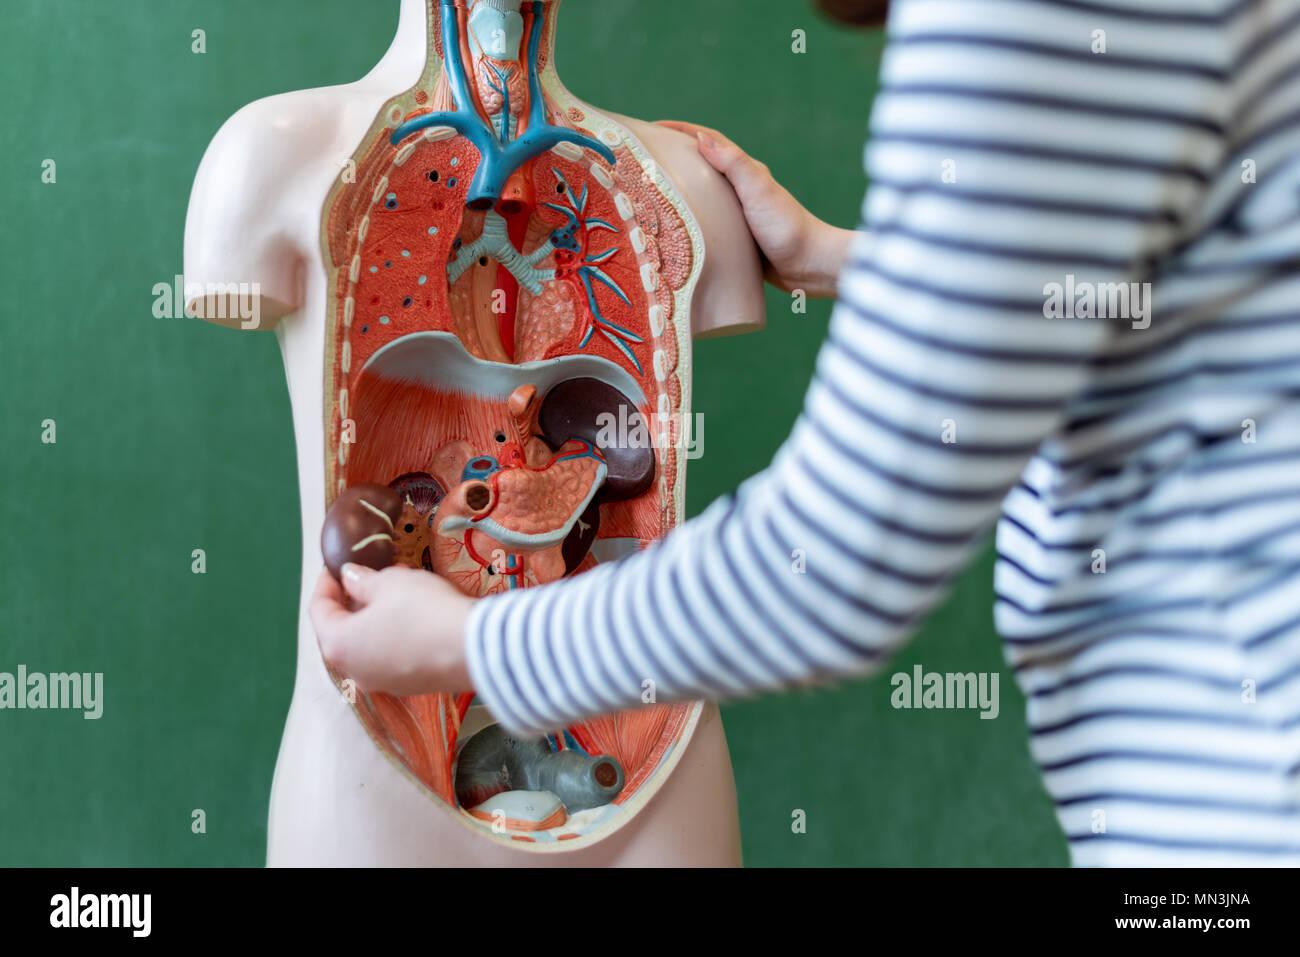 Asombroso Maneras Divertidas De Aprender La Anatomía Festooning ...